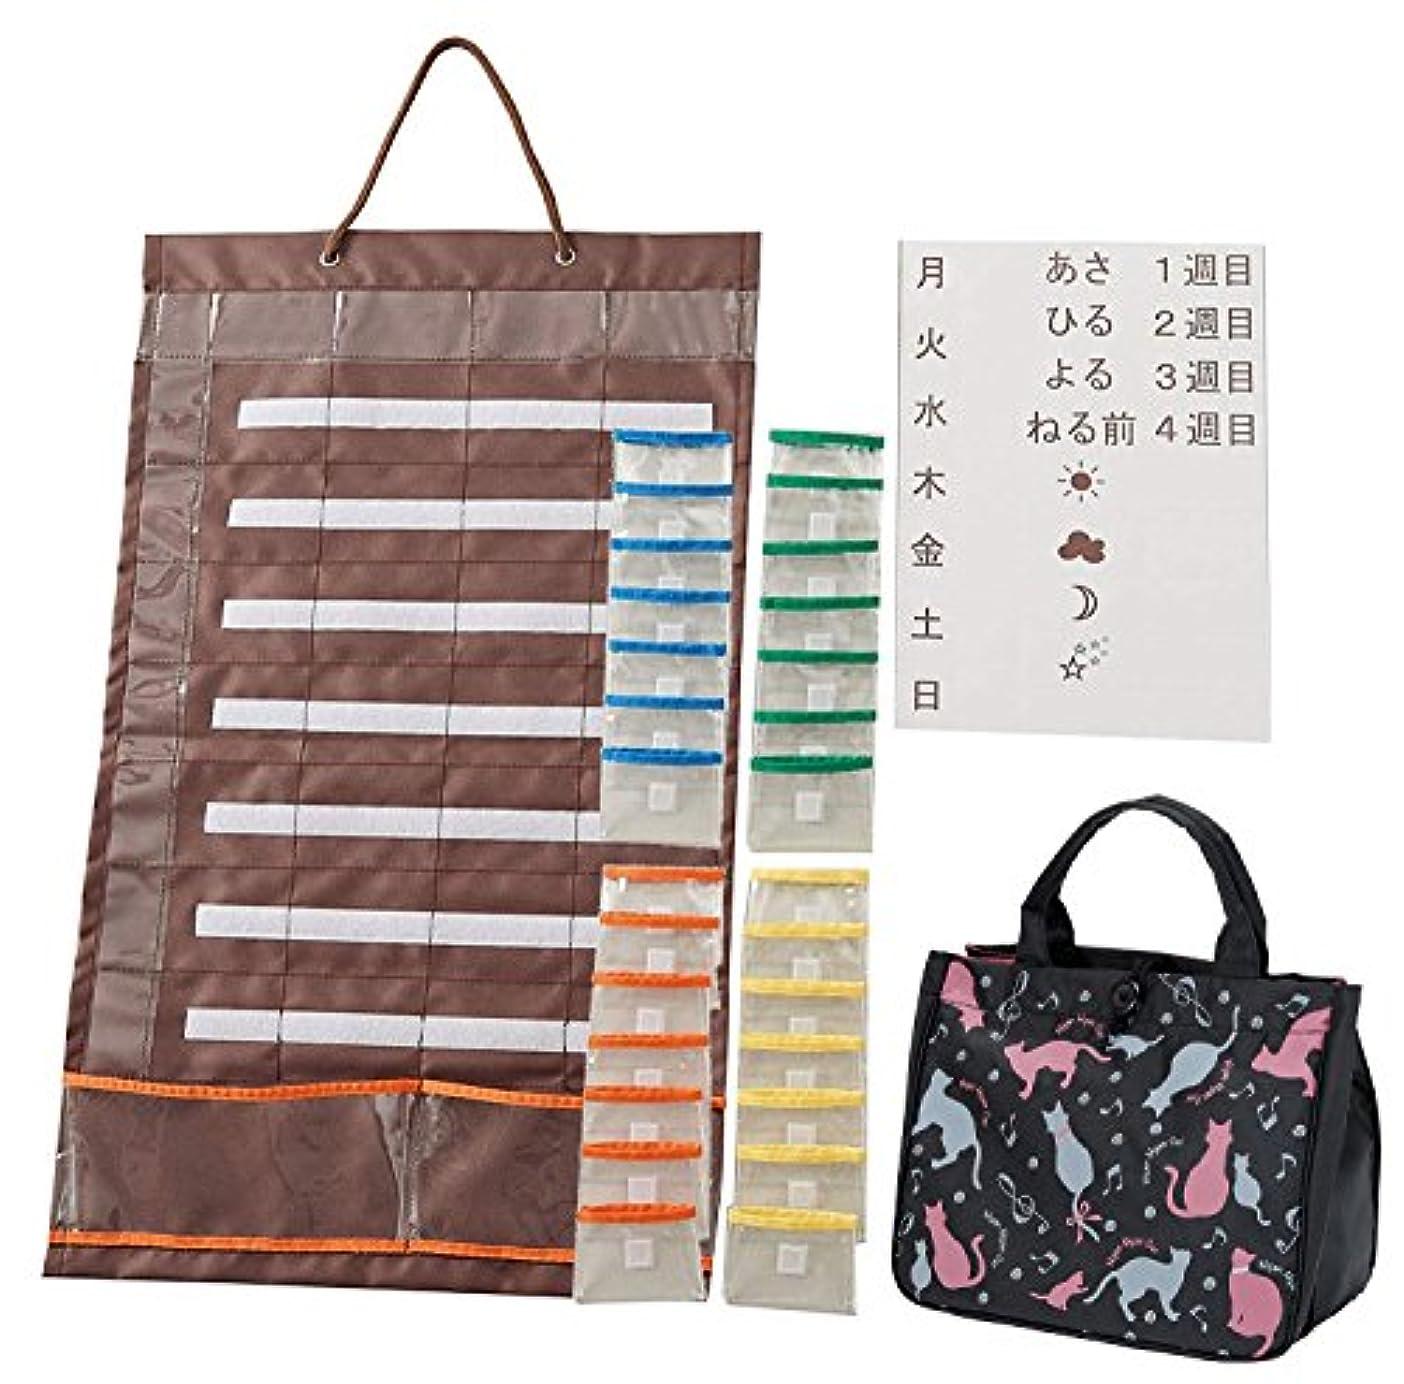 お母さん思慮深い疼痛【セット買い】コジット 入れやすくて出しやすいお薬カレンダー + 通院専用バッグ ネコ